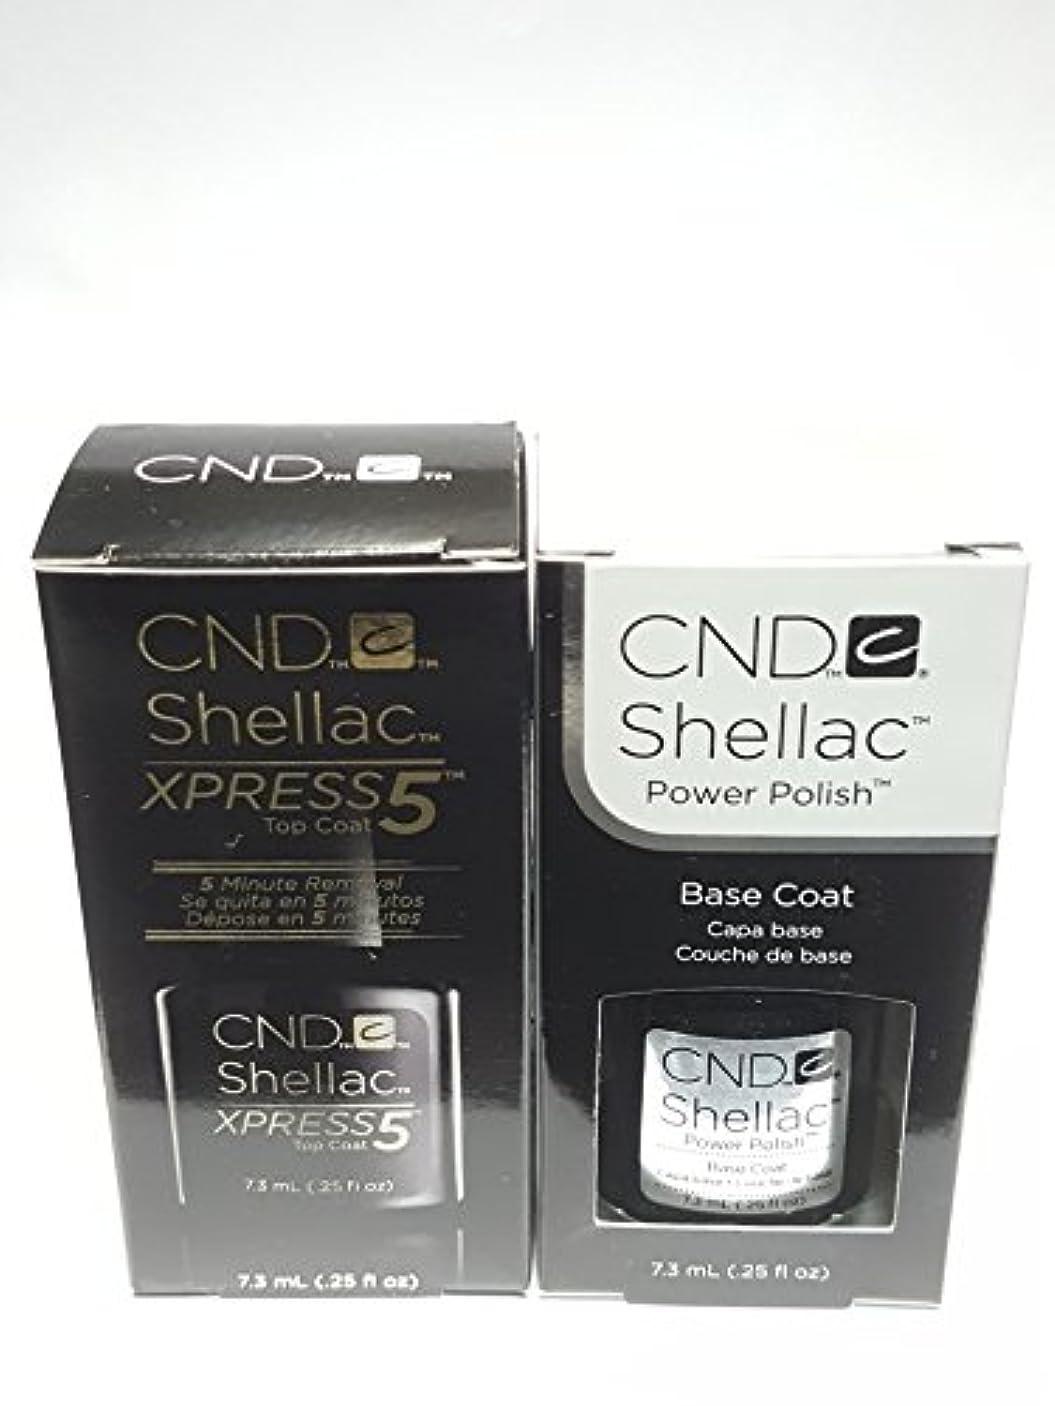 夫婦セレナ意味CND シェラック, 2本セット,パワーポリッシュ UV トップコート(New!!! XPRESS5)&ベースコート[海外直送品] [並行輸入品]